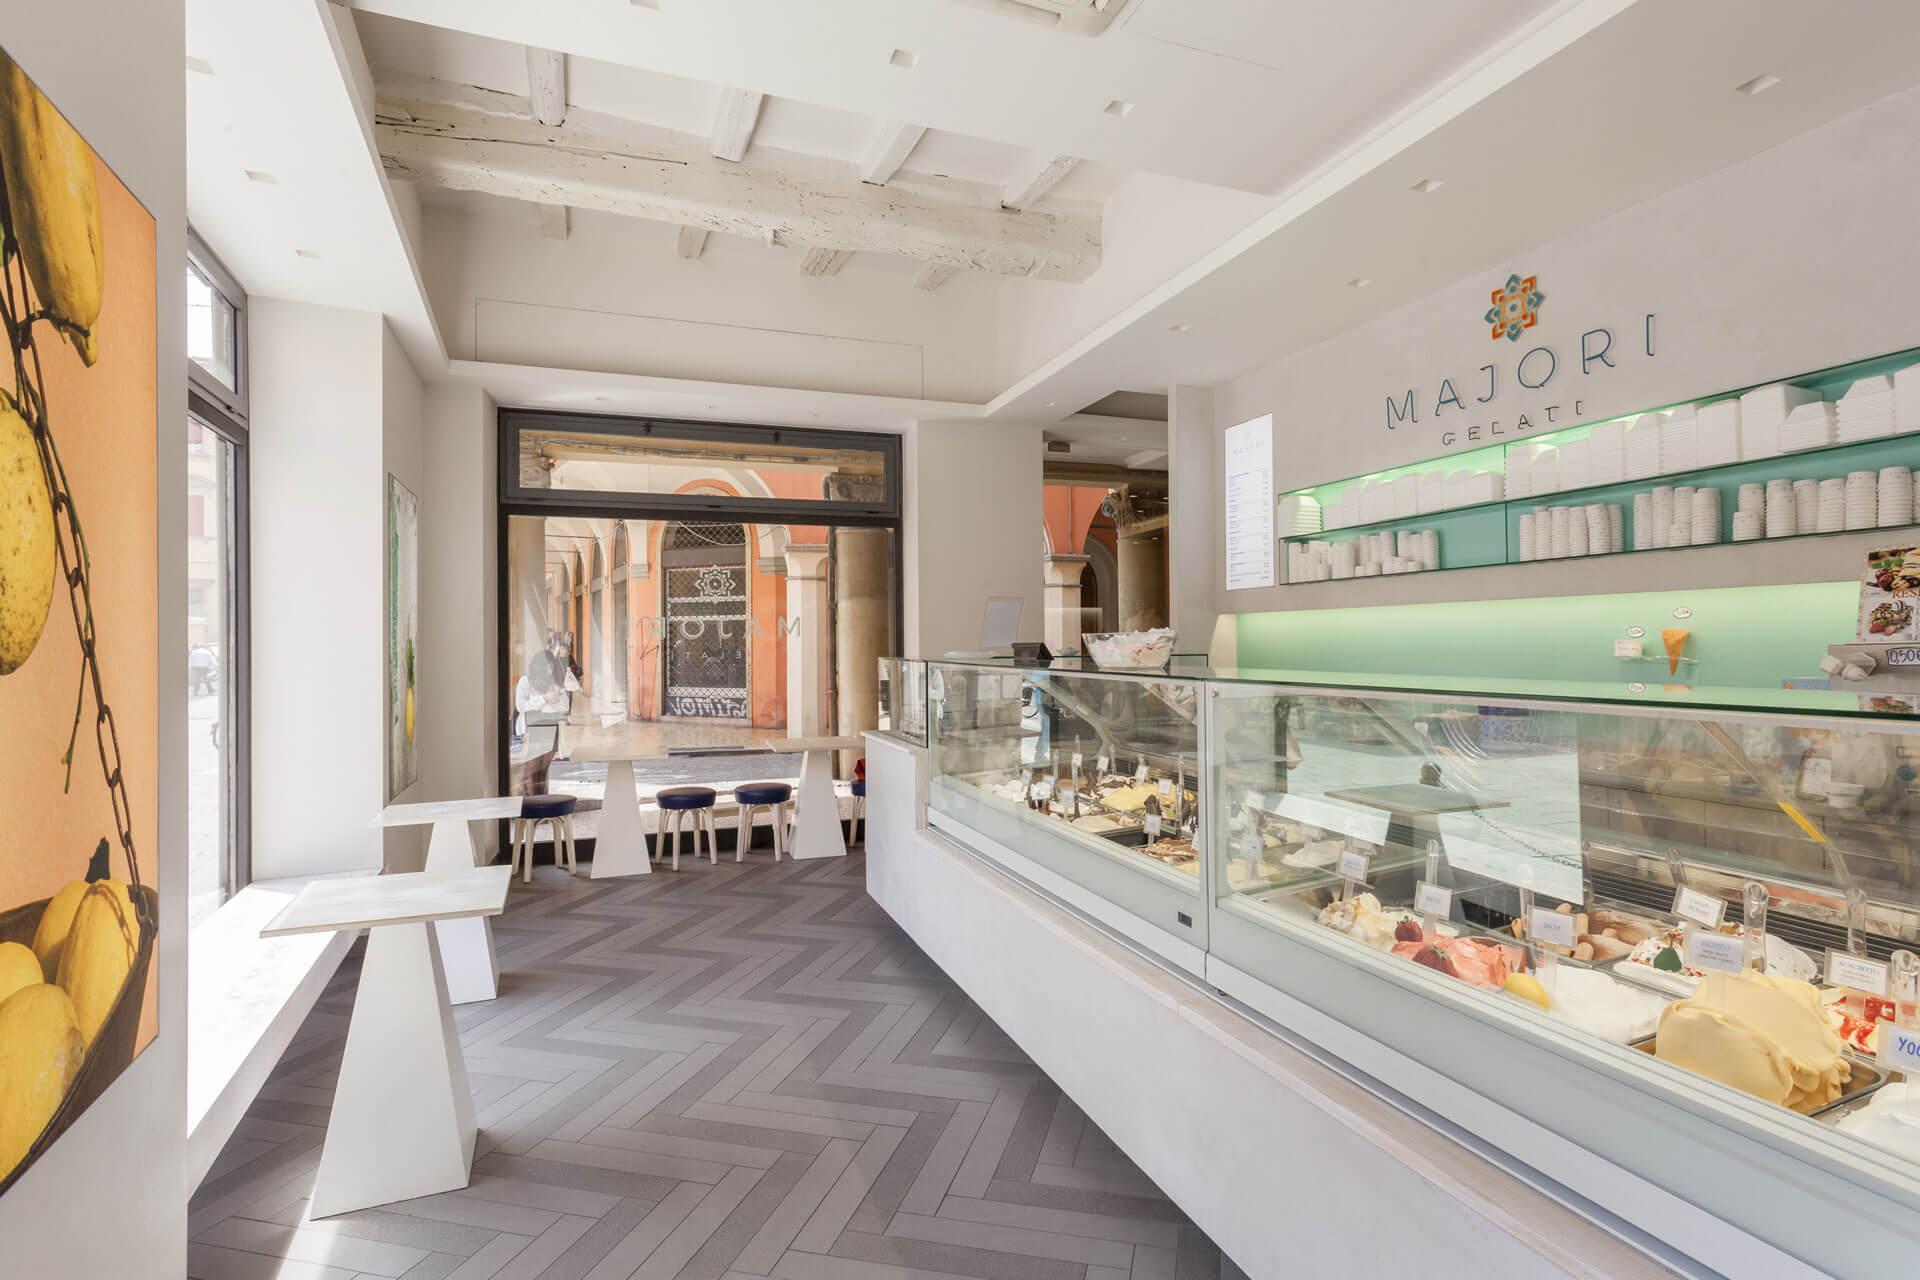 micaela-mazzoni-studio-interior-designer-bologna-progetti-commerciali-gelateria-majori-bologna